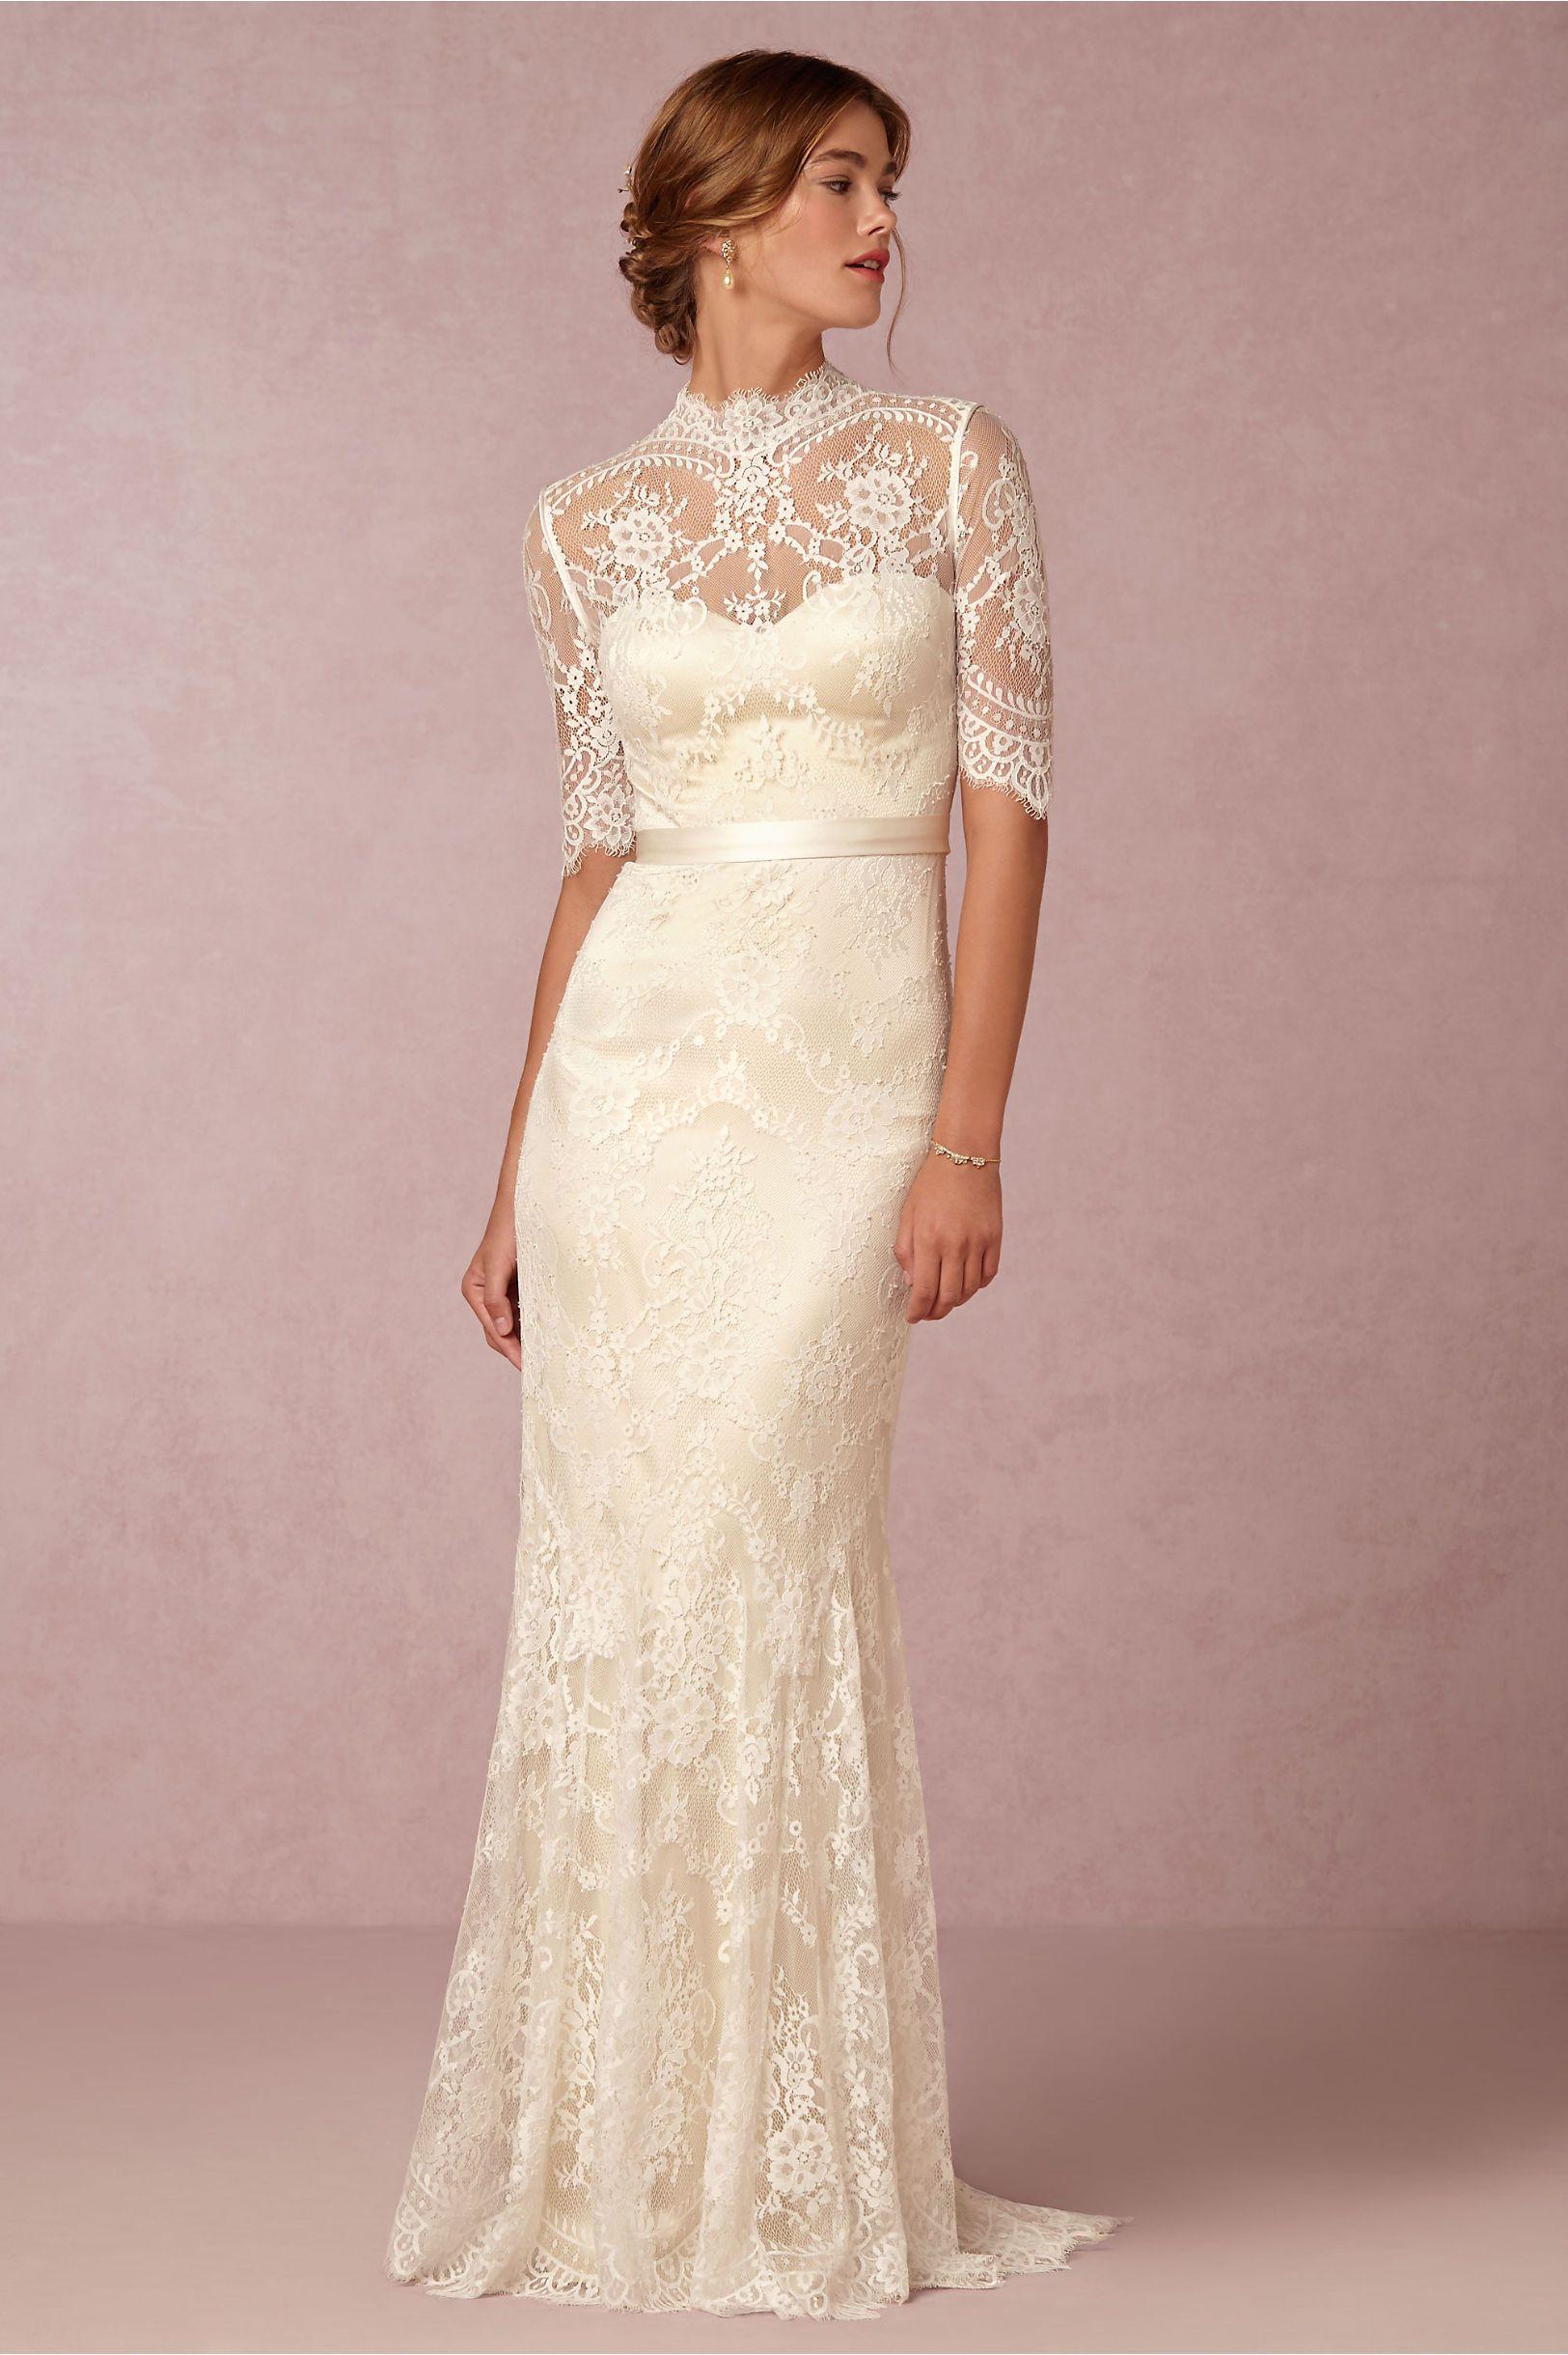 En creme lace illusion dress